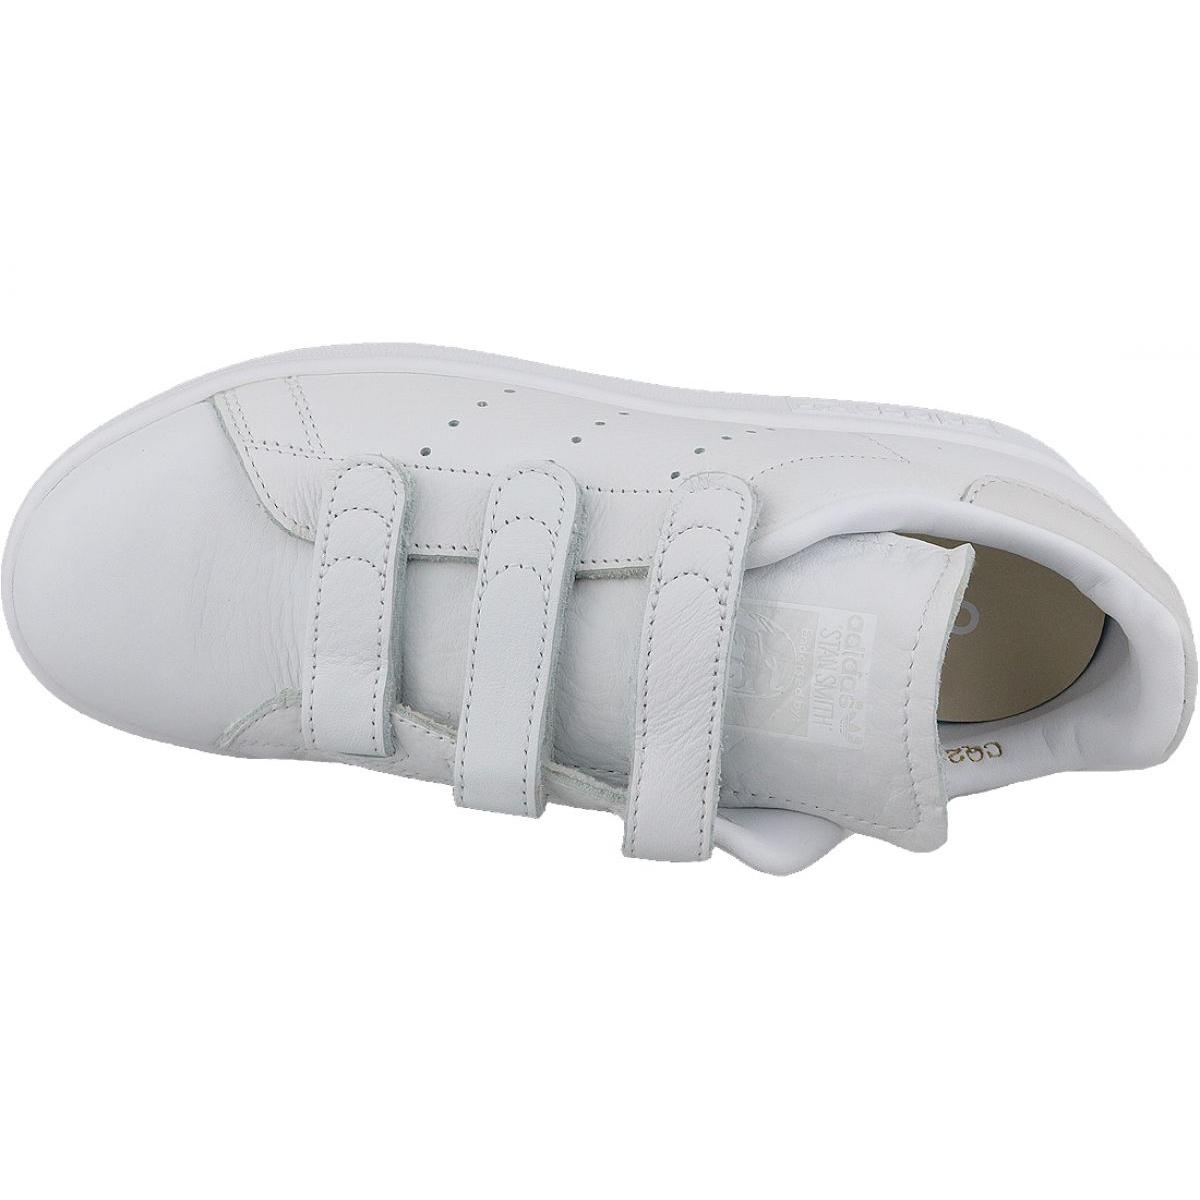 Weiß Adidas Originals Stan Smith Schuhe in CQ2632